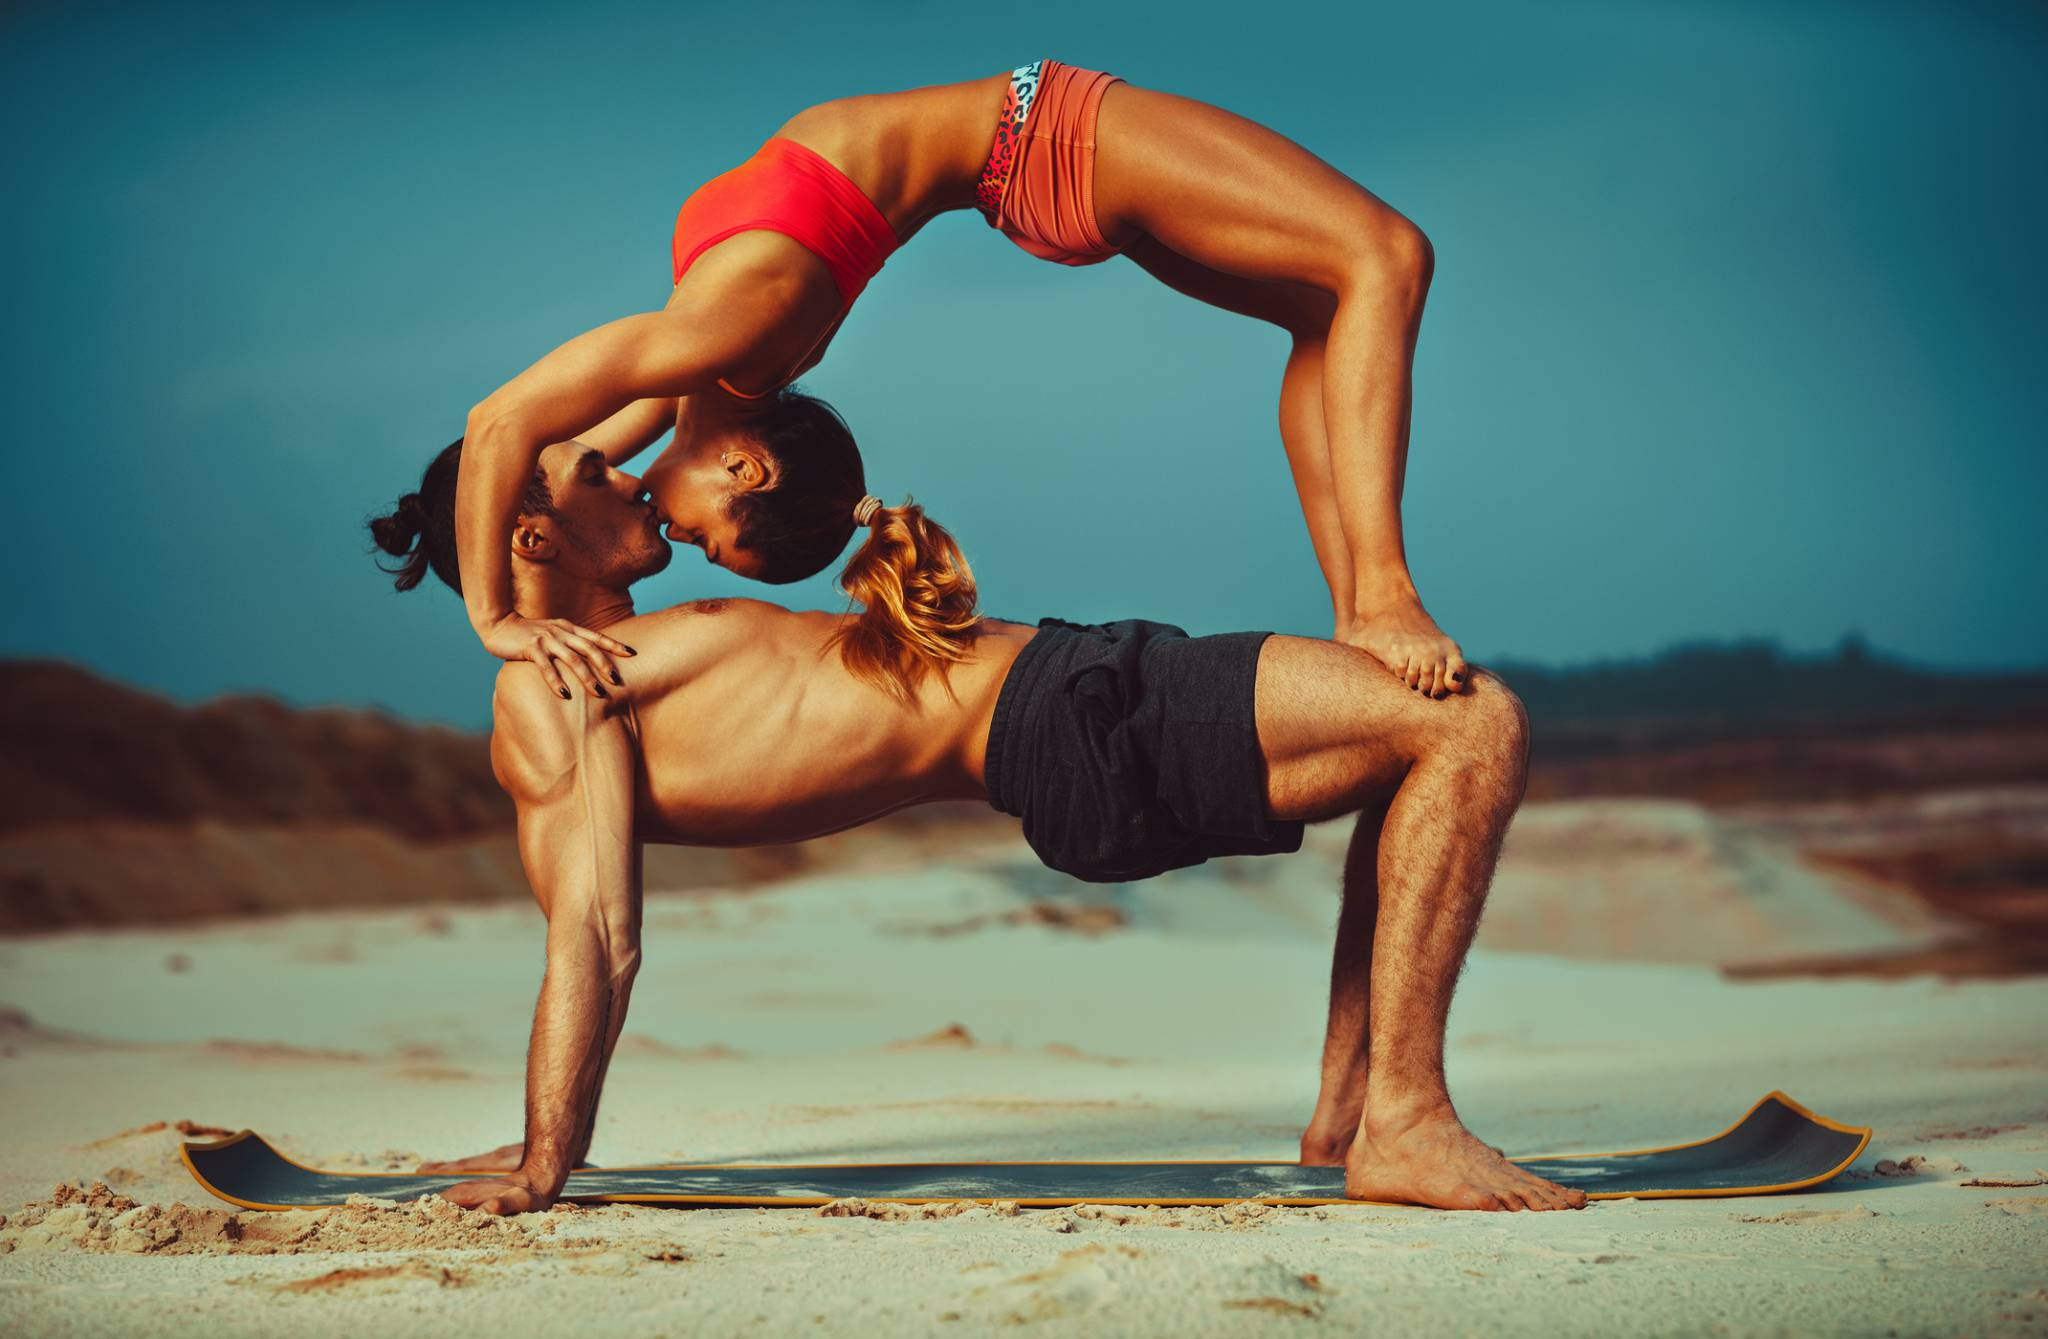 Mężczyzno! Proszę, zapisz się na jogę!